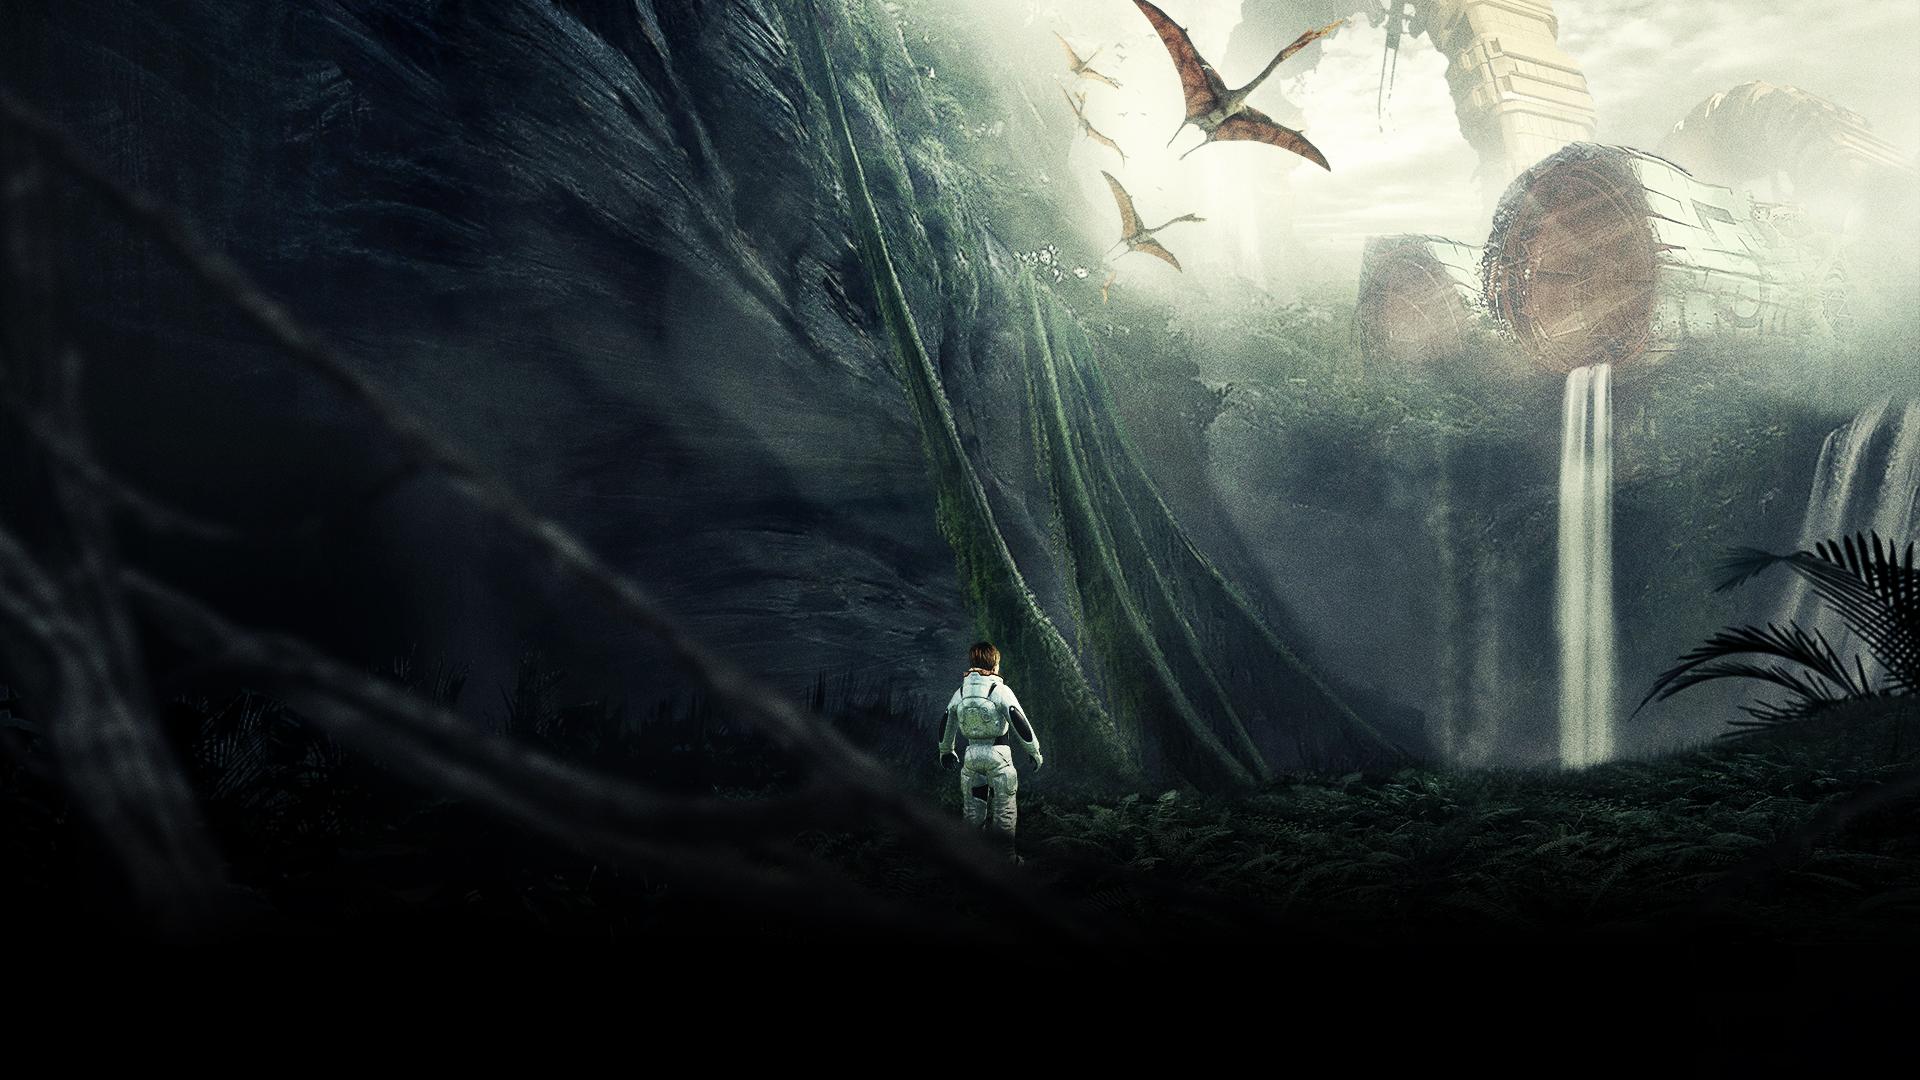 Dinosauří Robinson: The Journey od Cryteku je hra pro PS VR 115504